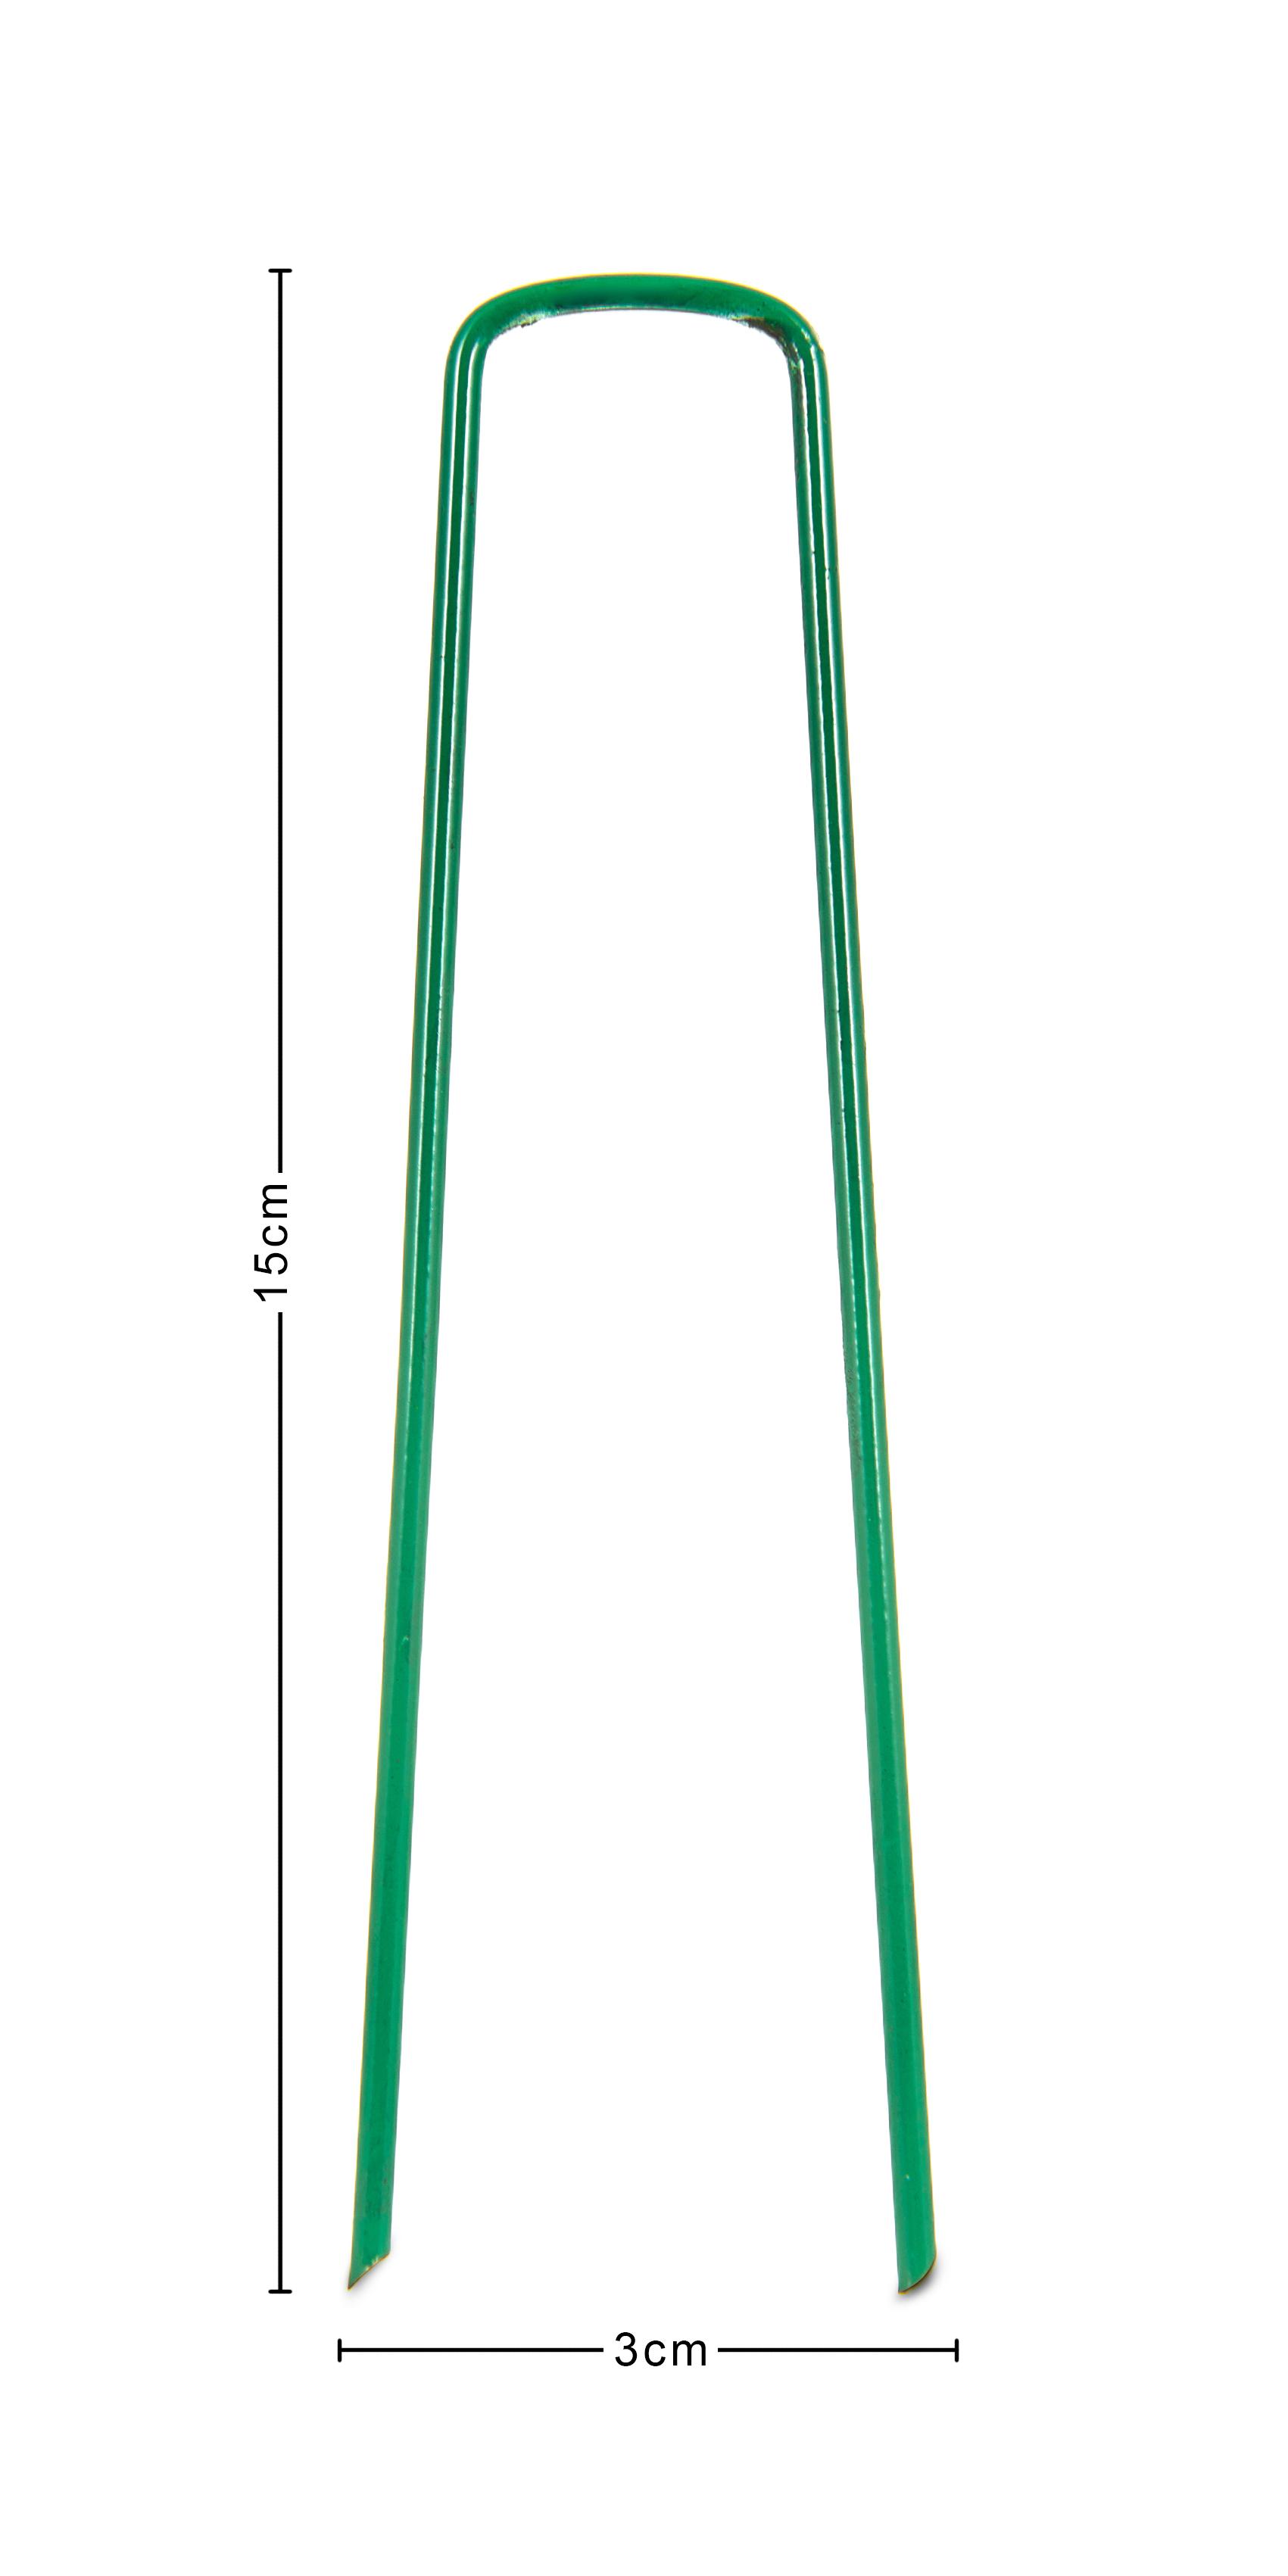 20 x U PINS GREEN ARTIFICIAL GRASS TURF GALVANISED METAL PEGS STAPLES WEED HOOKS